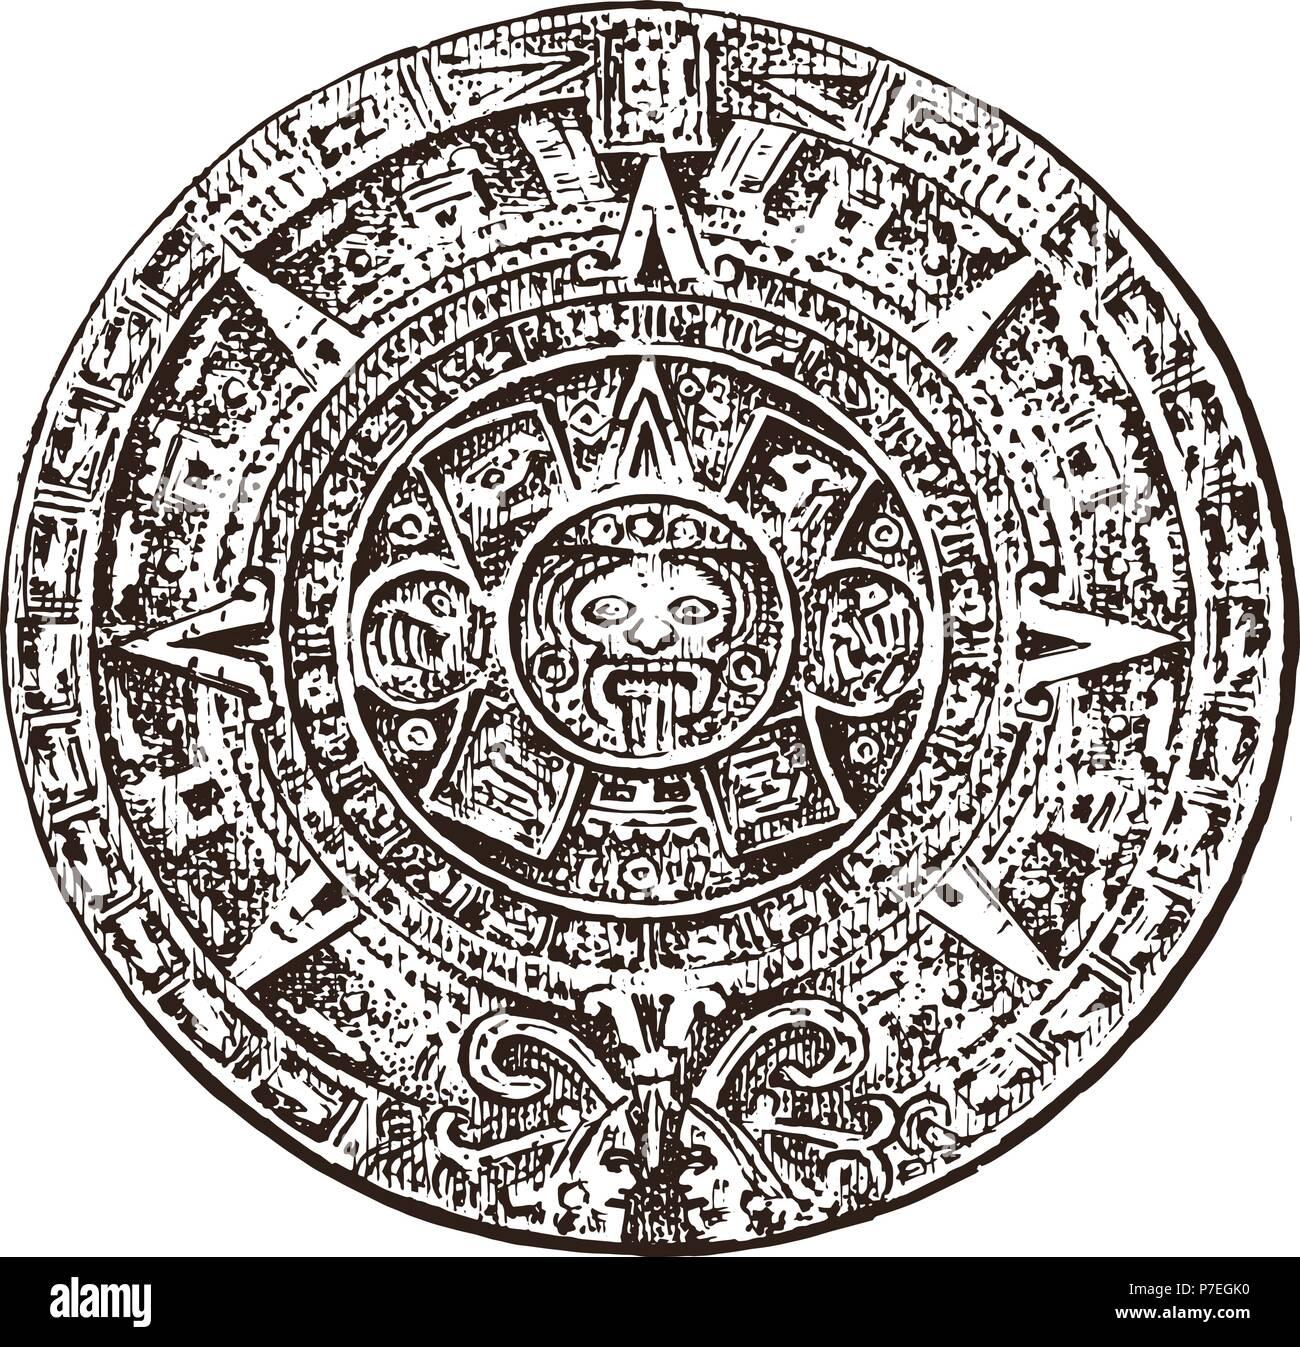 Calendrier Maya Dessin.Calendrier Maya Photos Calendrier Maya Images Alamy